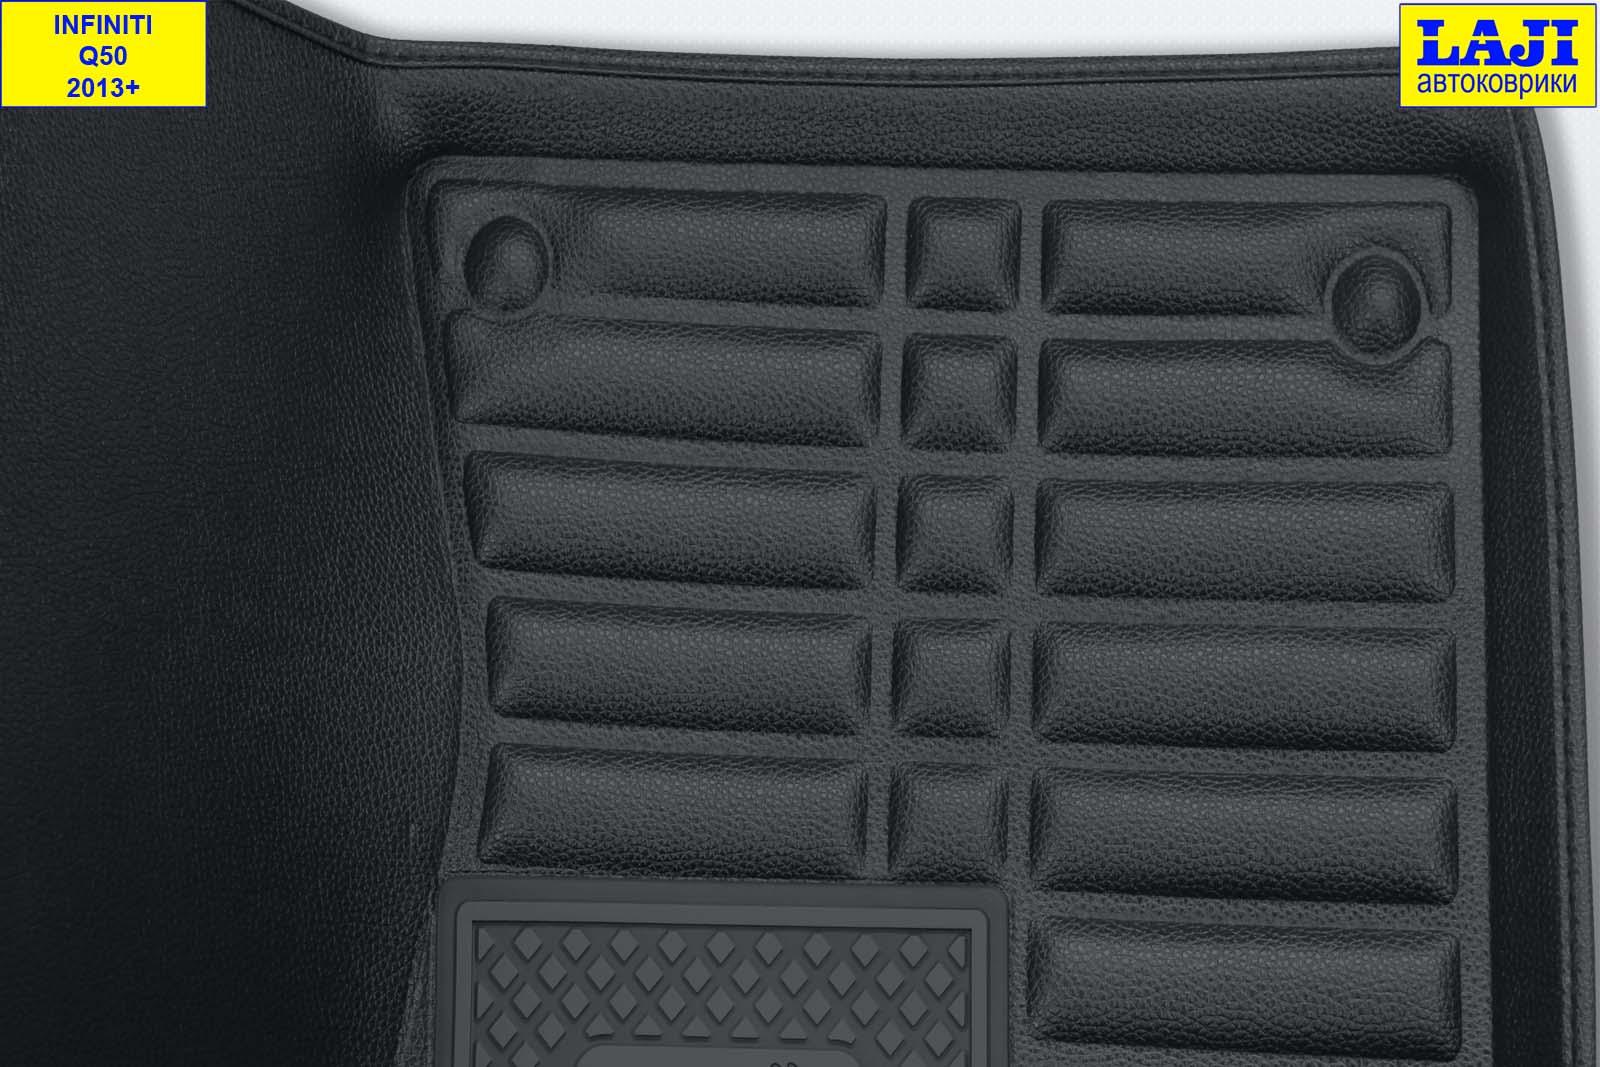 5D коврики в салон Infiniti Q50 2013-н.в. 8